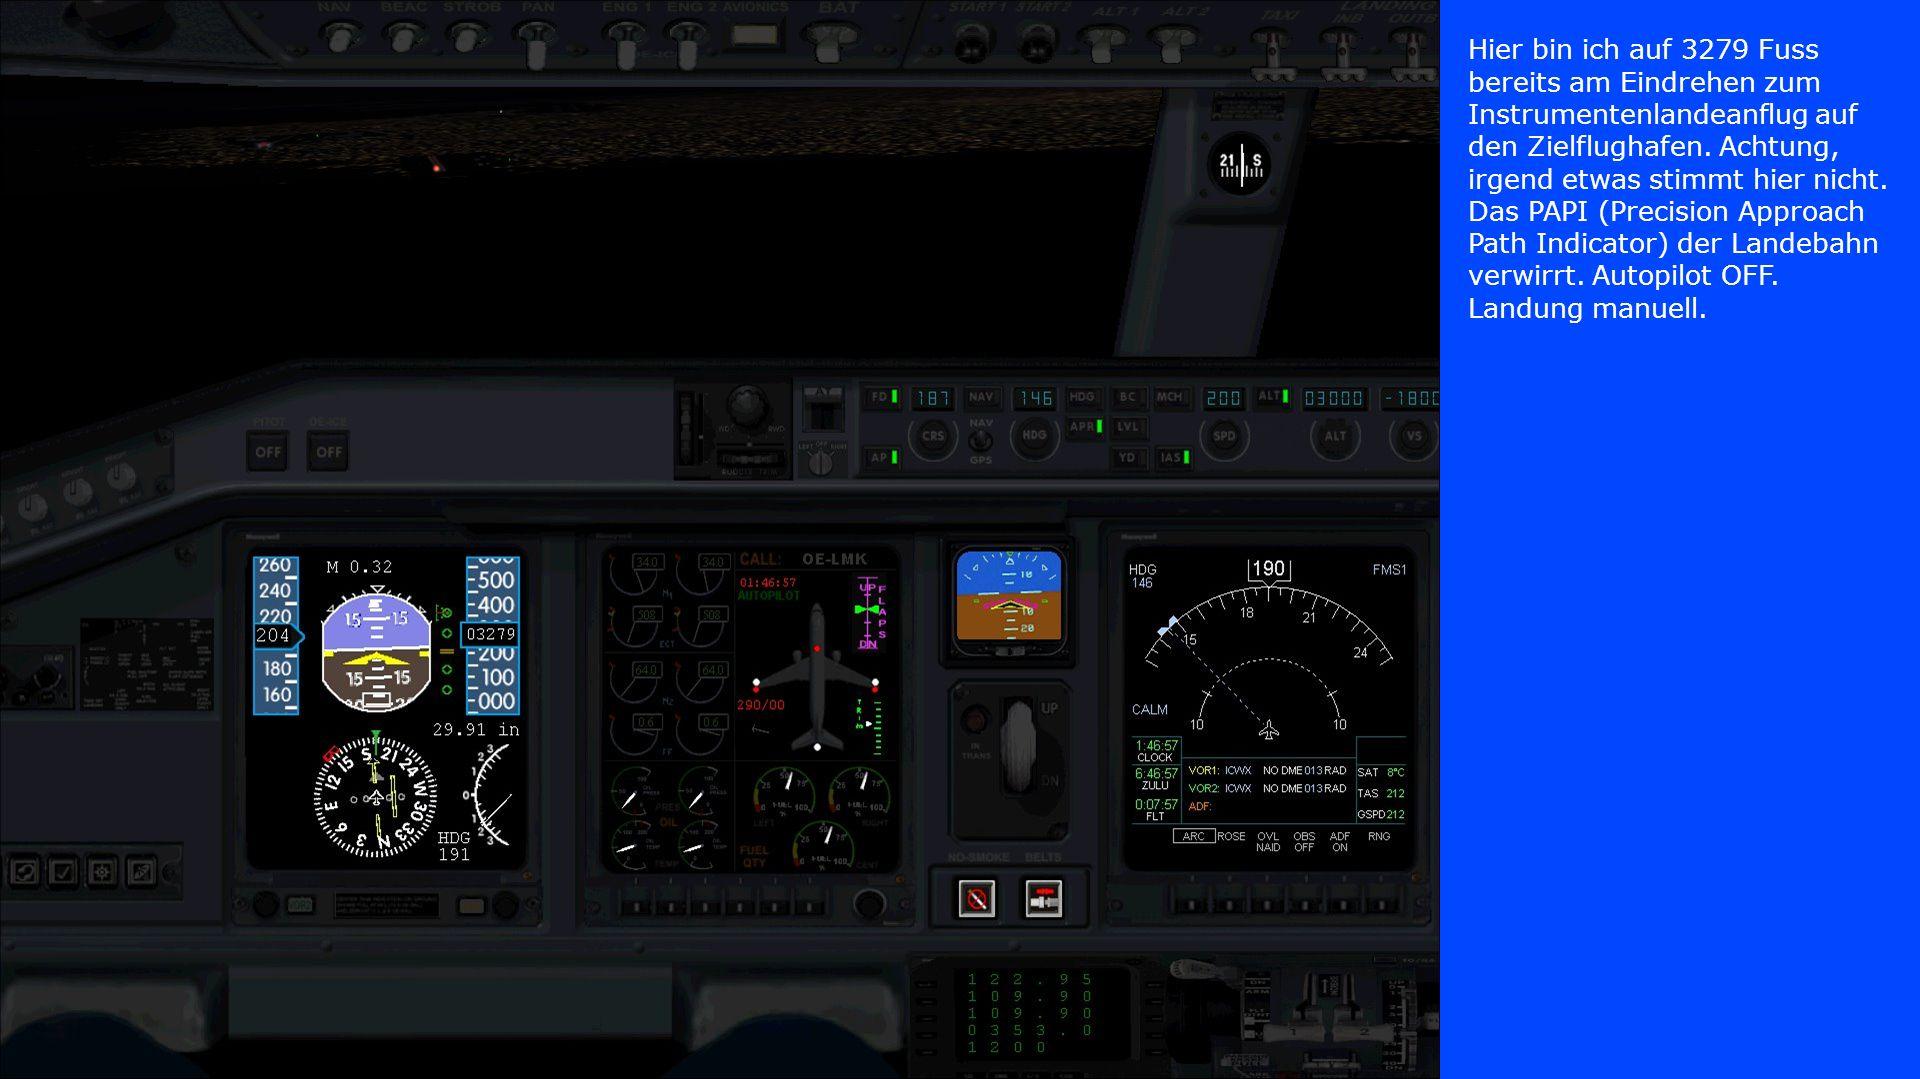 Hier bin ich auf 3279 Fuss bereits am Eindrehen zum Instrumentenlandeanflug auf den Zielflughafen. Achtung, irgend etwas stimmt hier nicht. Das PAPI (